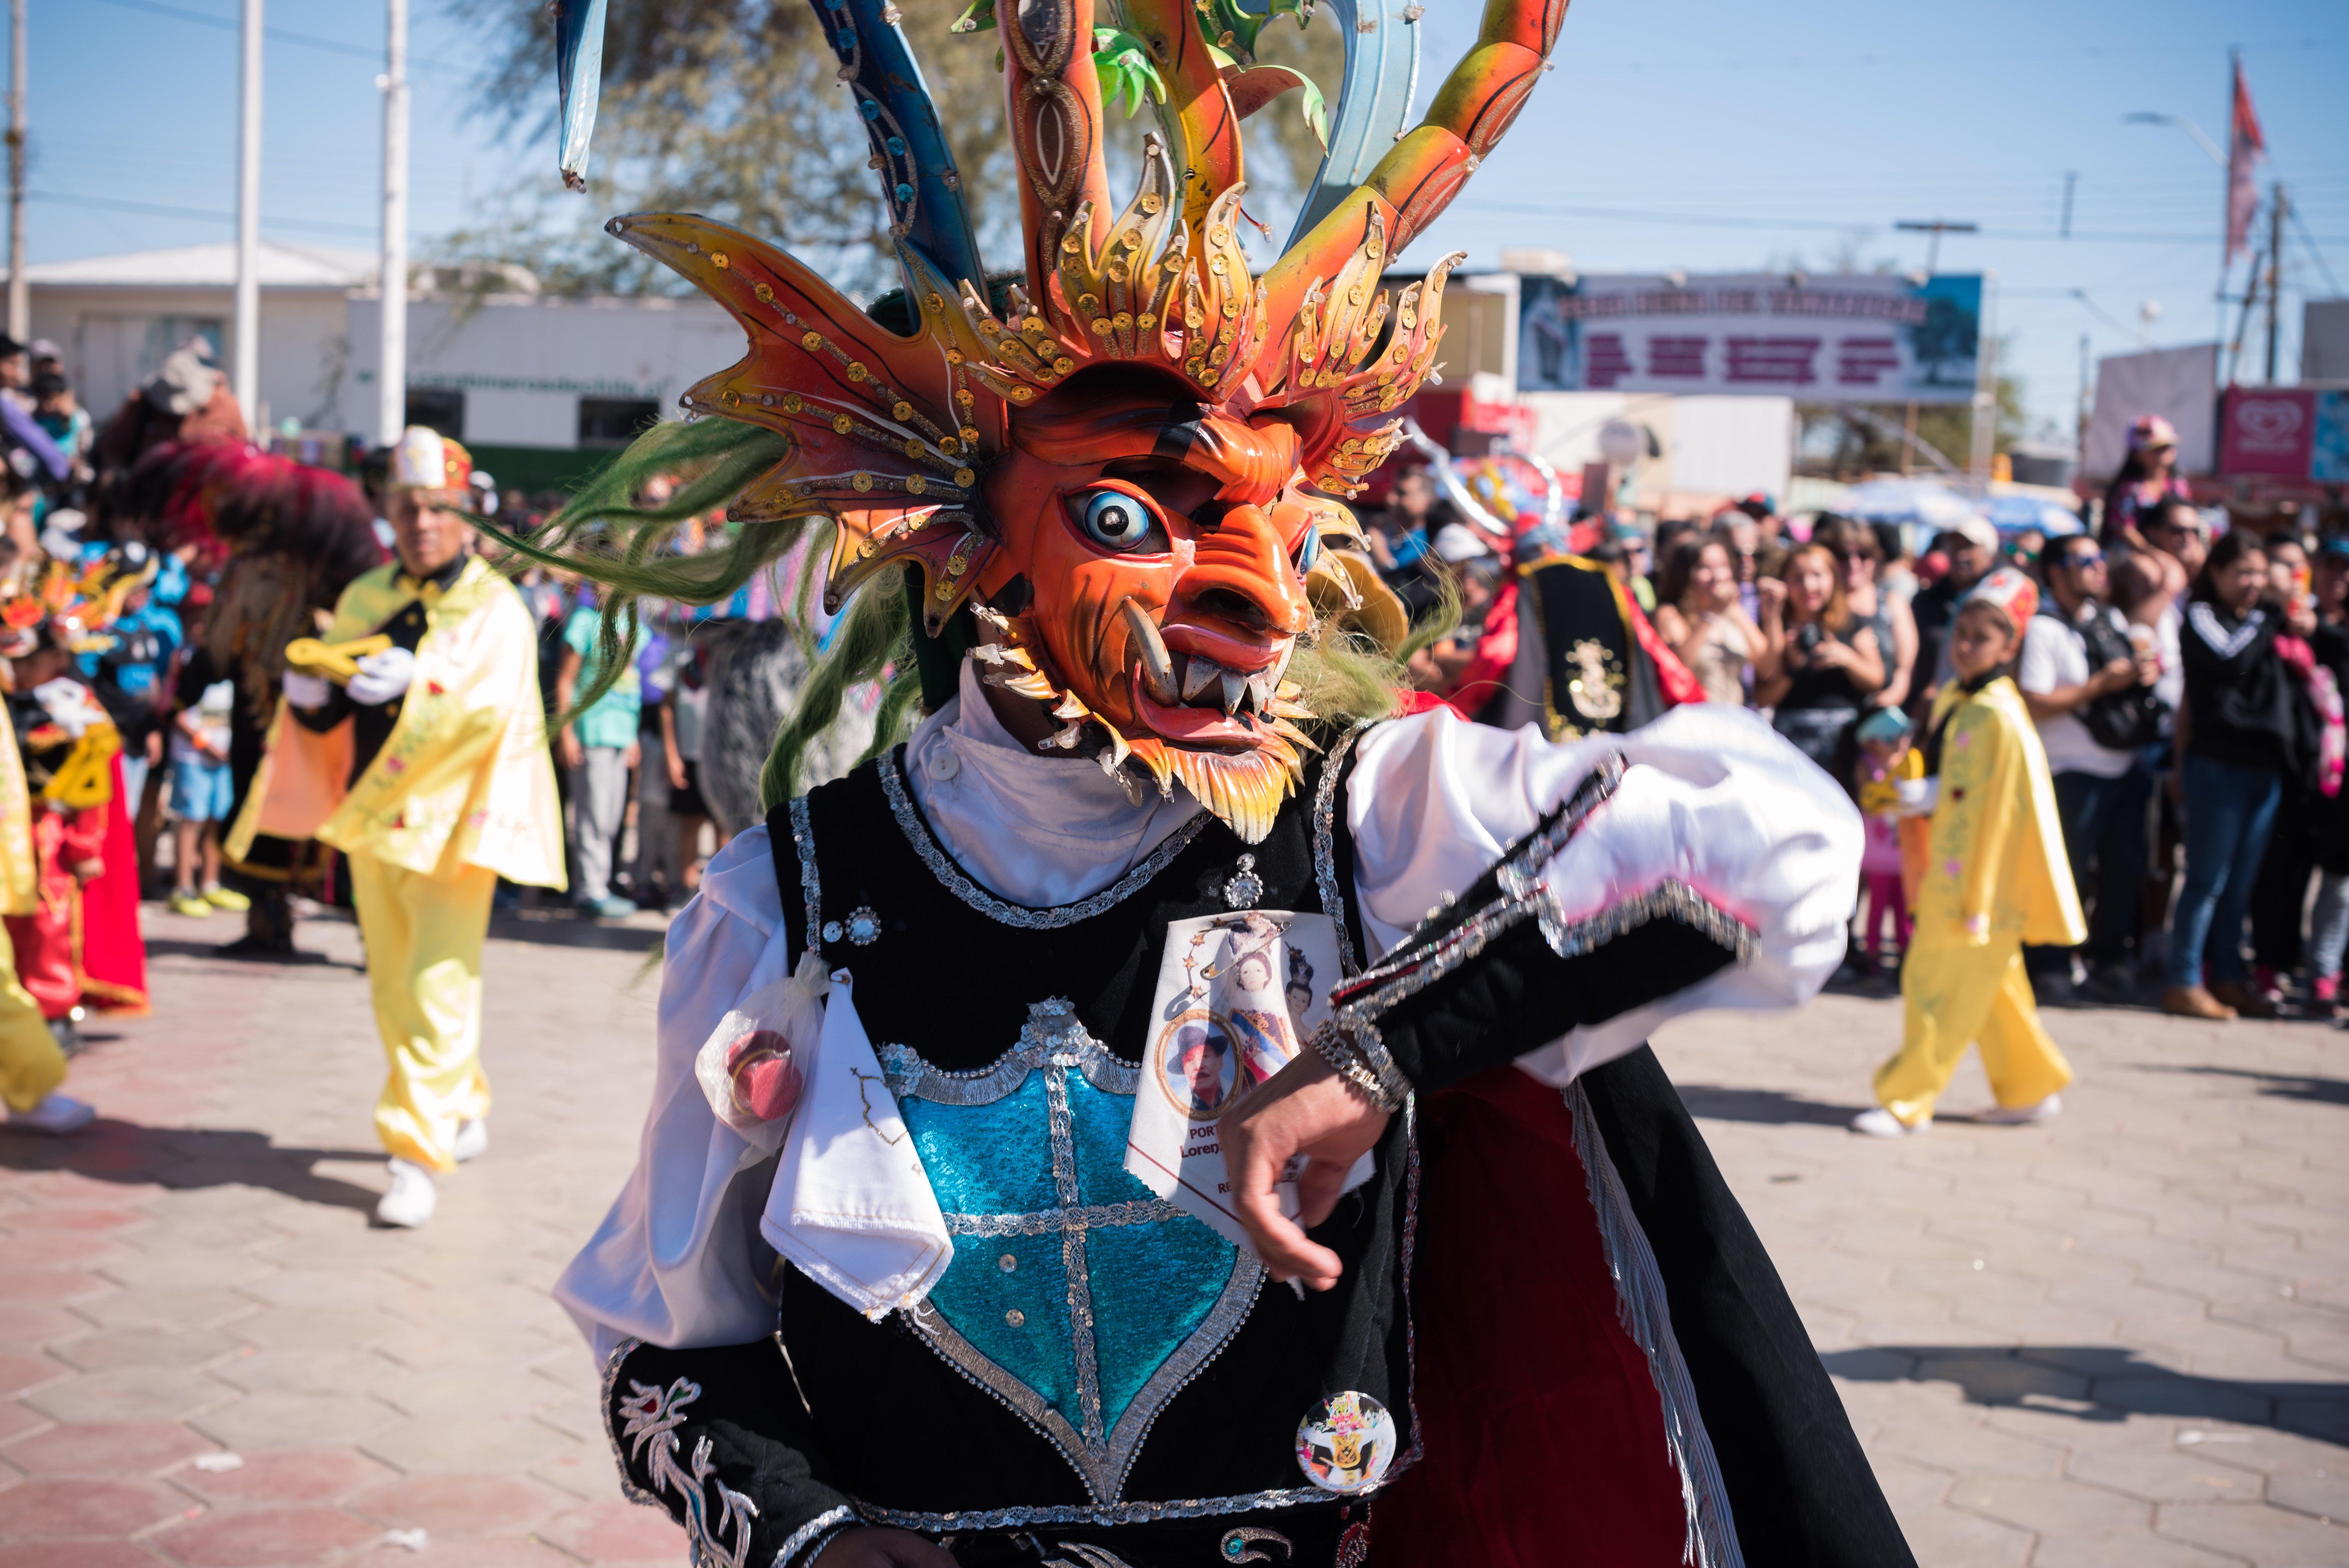 Bailarín disfrazado en la Fiesta de La Tirana